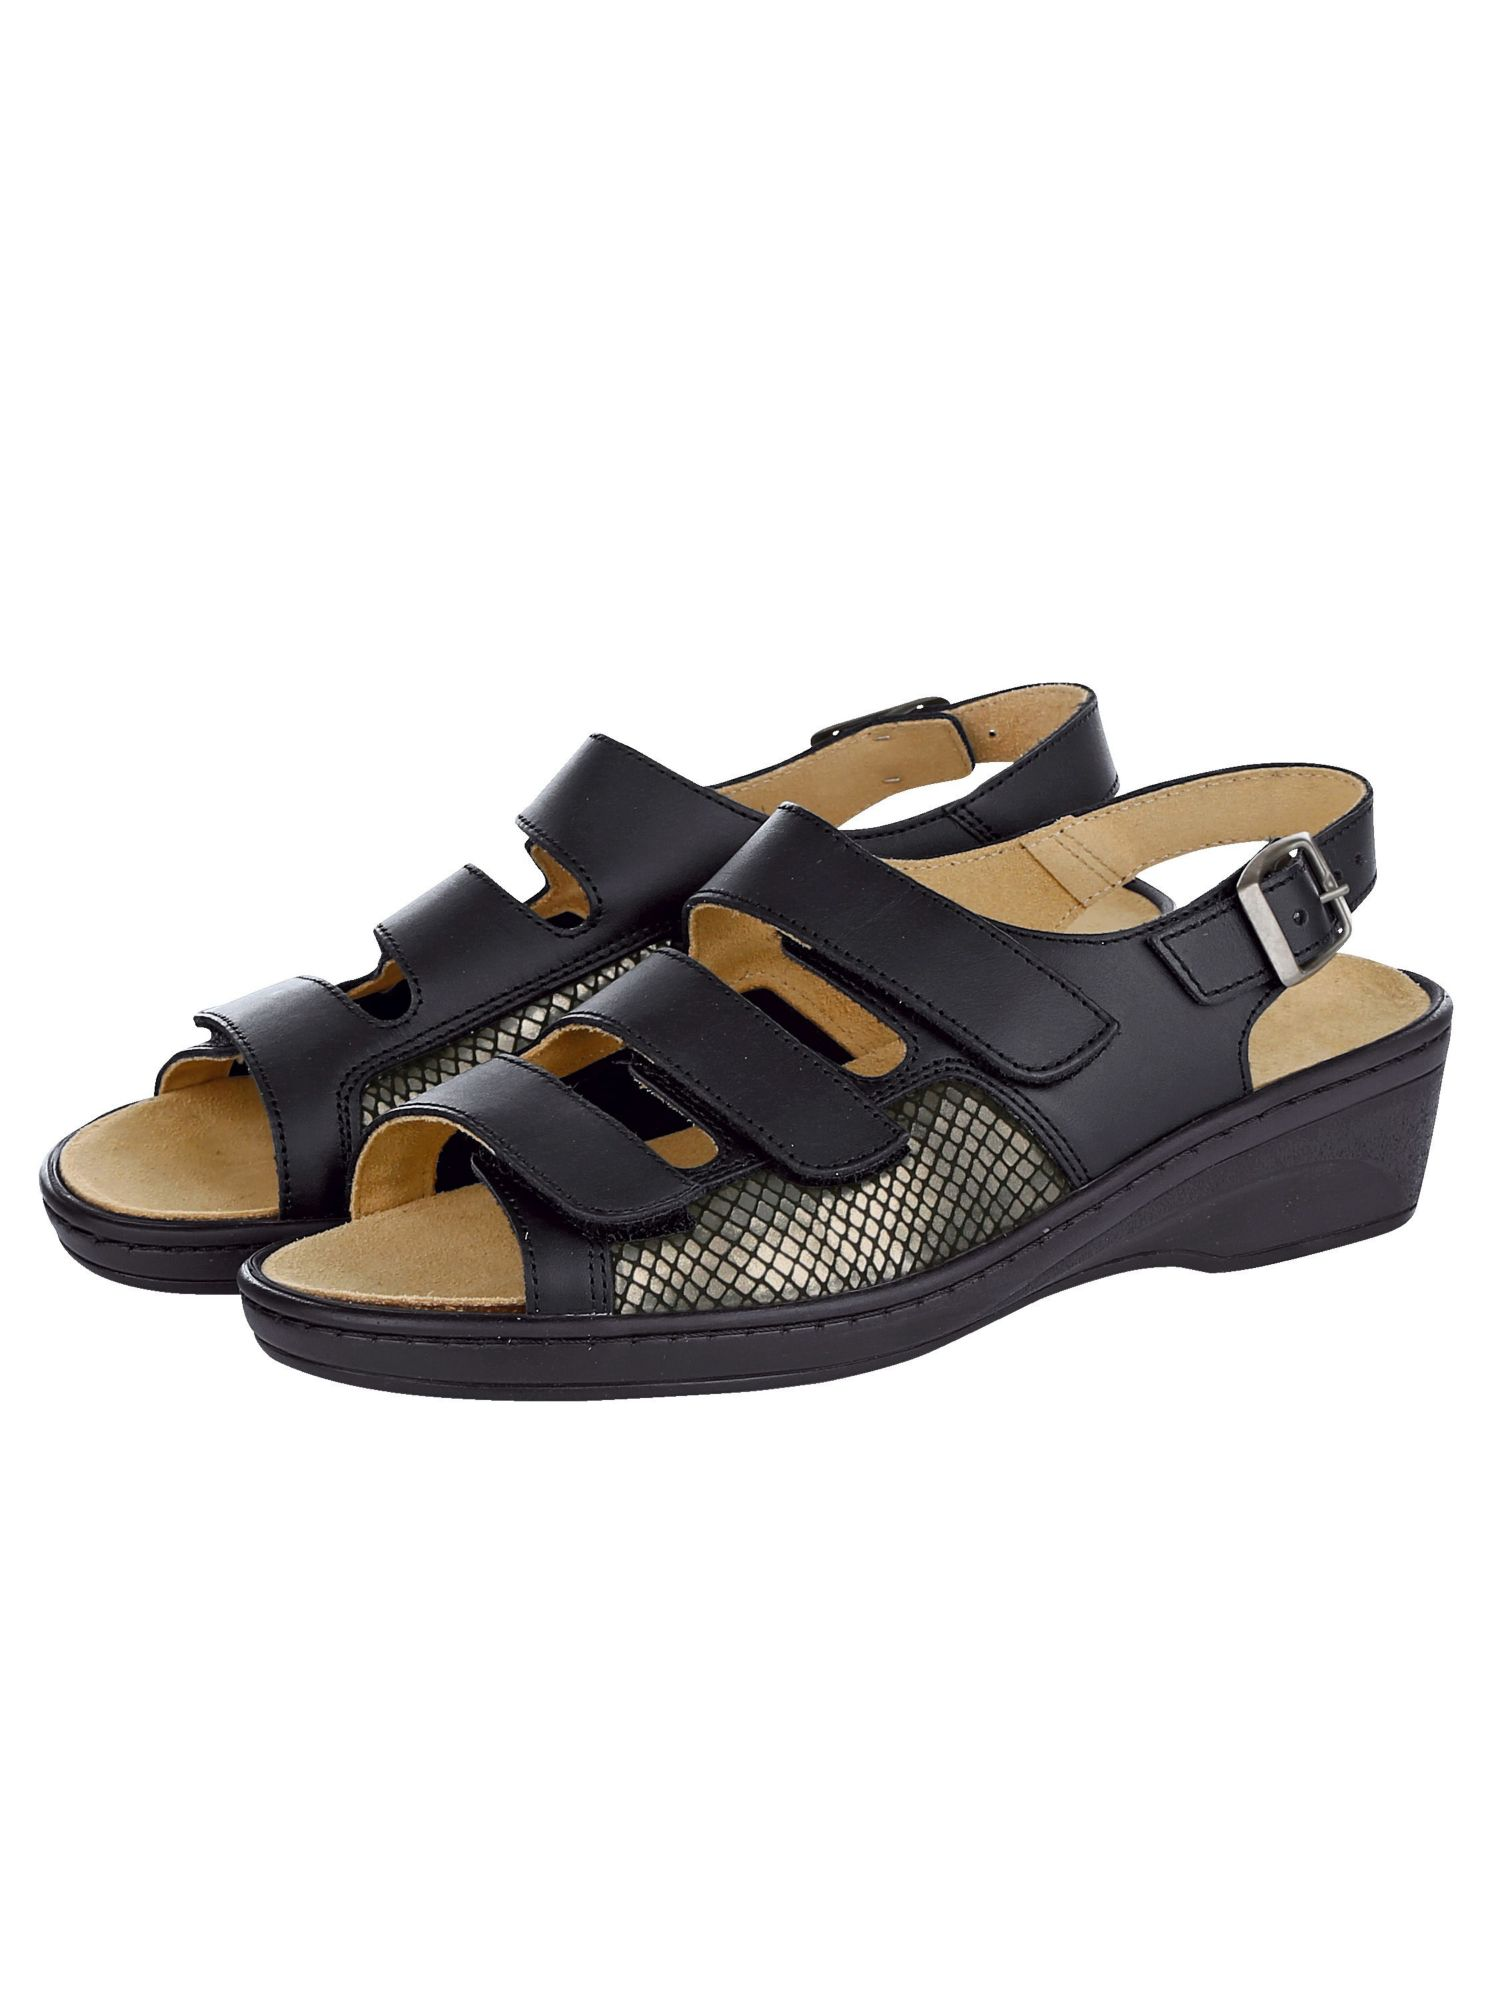 Naturläufer Sandalette, schwarz, Normal, schwarz